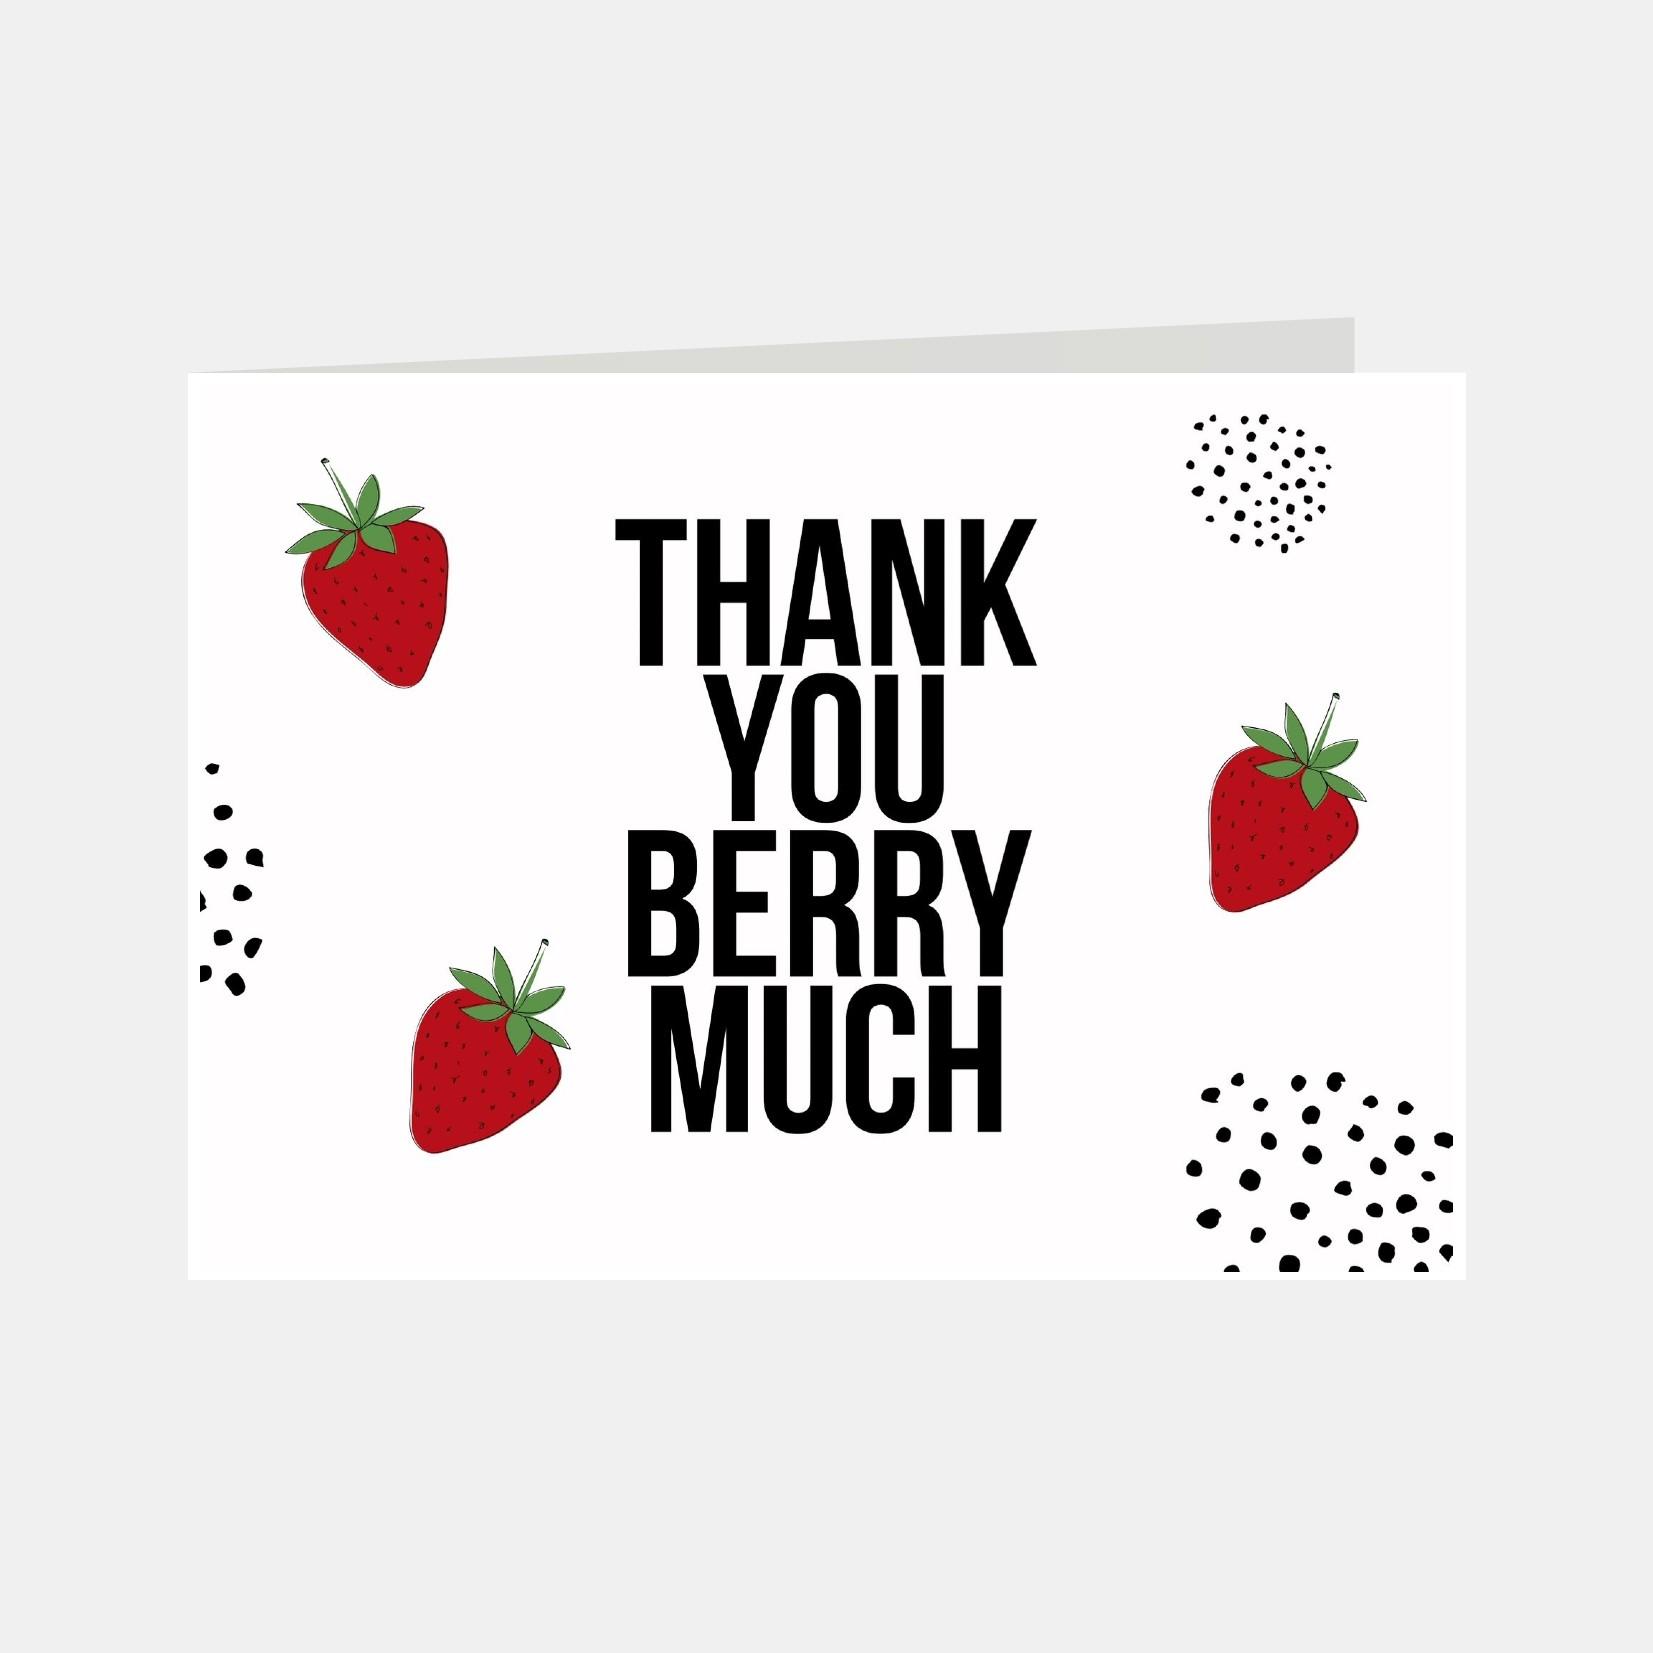 Wenskaart met de tekst Thank you berry much en afbeelding van aardbeiden